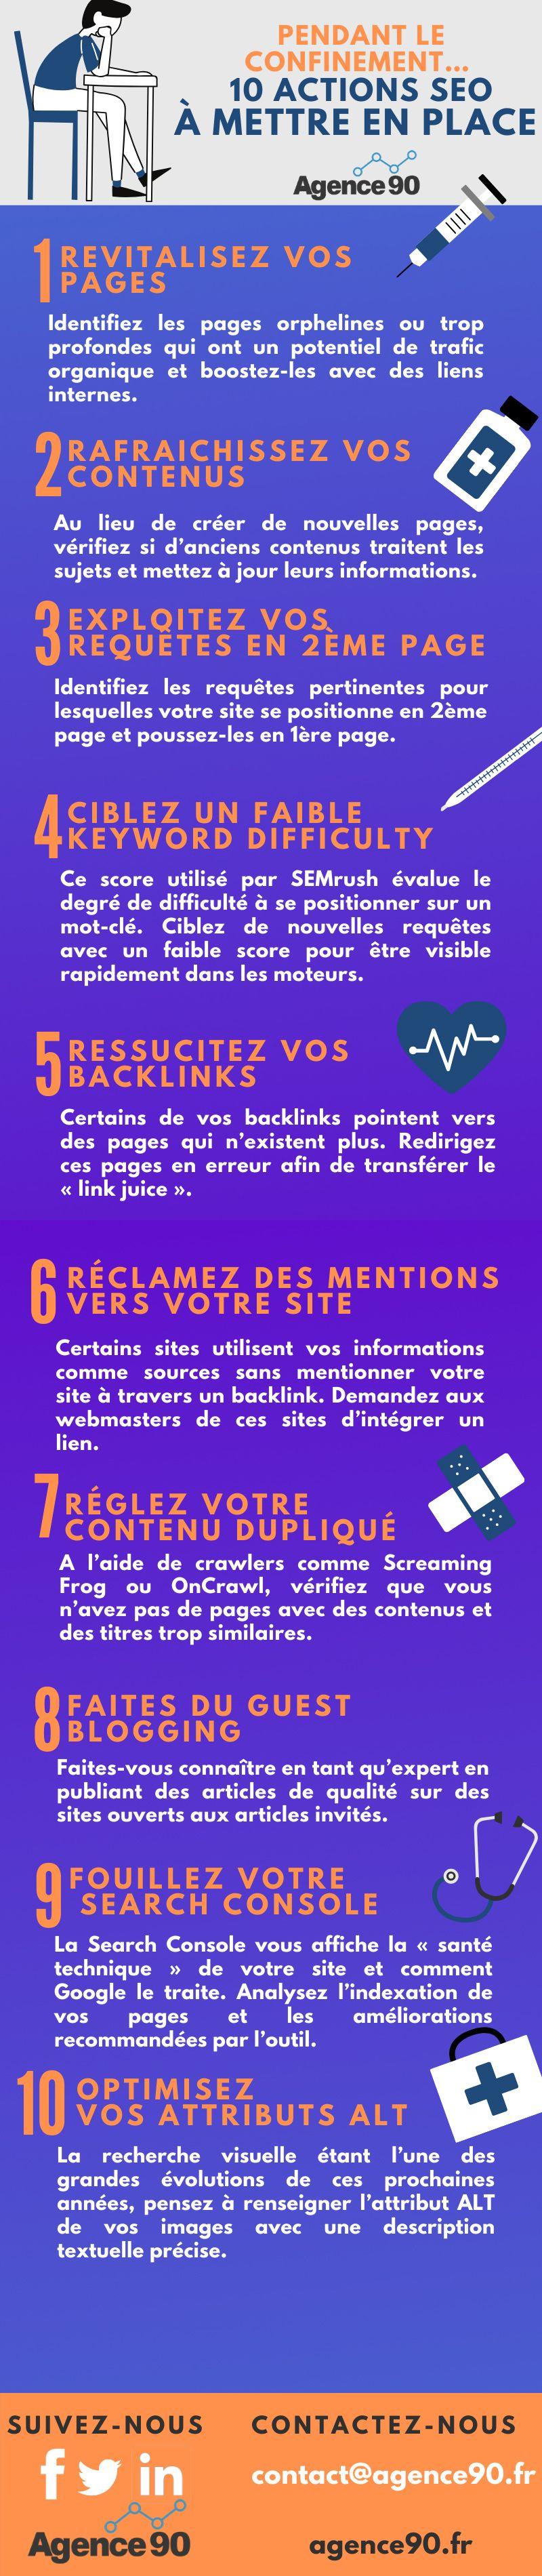 Infographie 10 actions SEO à mettre en place durant le confinement